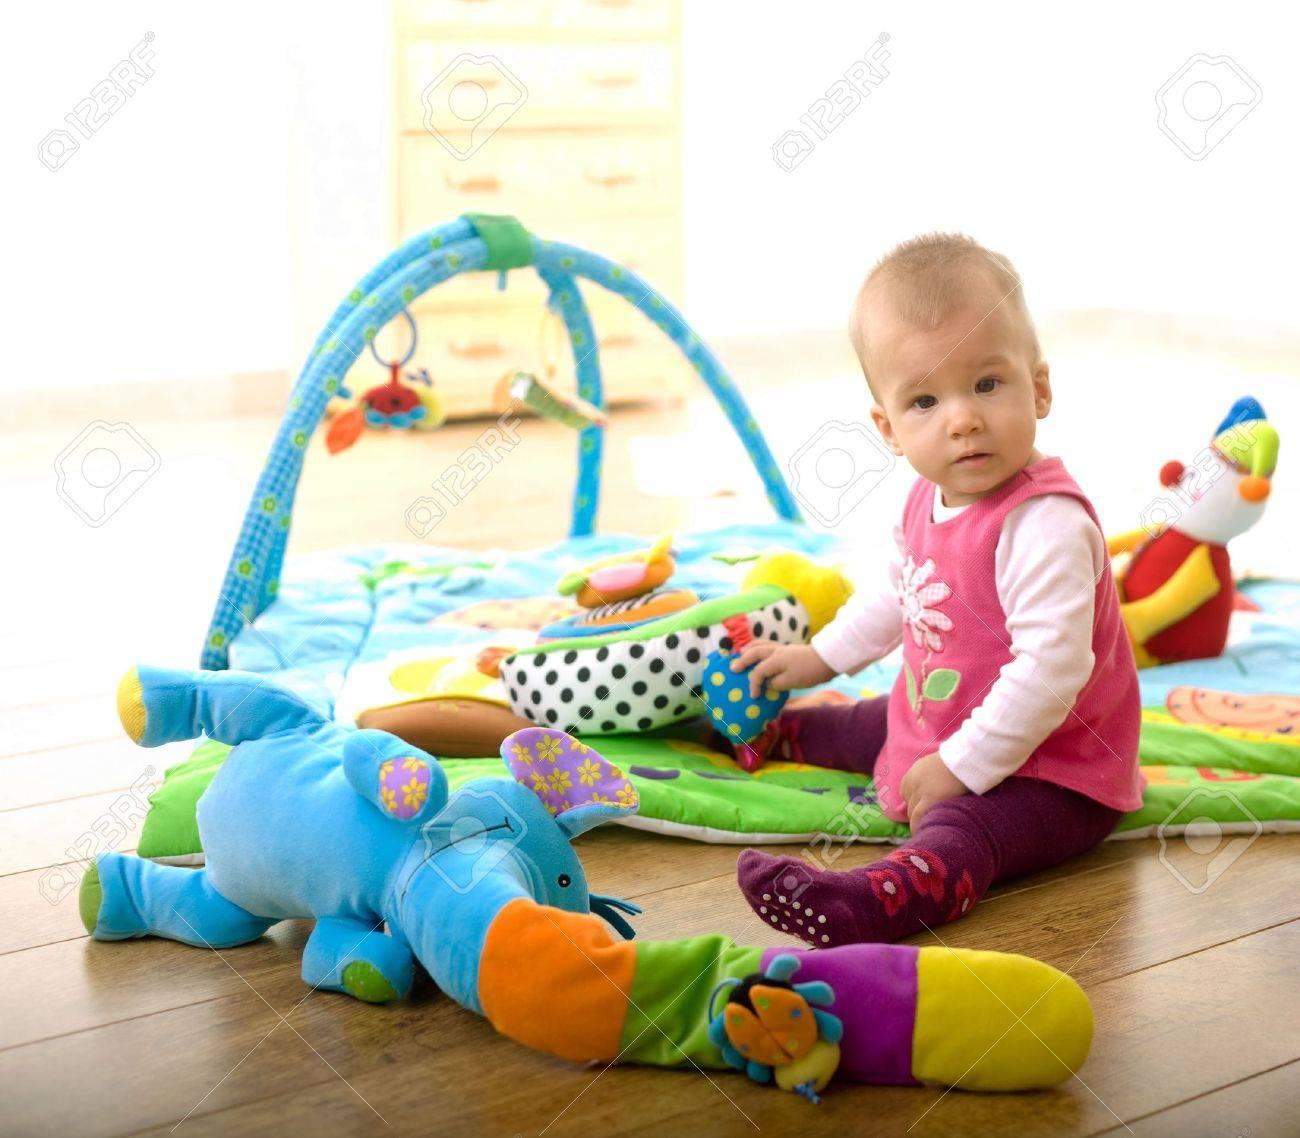 Bebé Juguetes Girl9 En Suelo Sala MesesSentado EstarSon Jugar Con Propiedad Lanzado El HogarLa Y De Los WH9DIE2